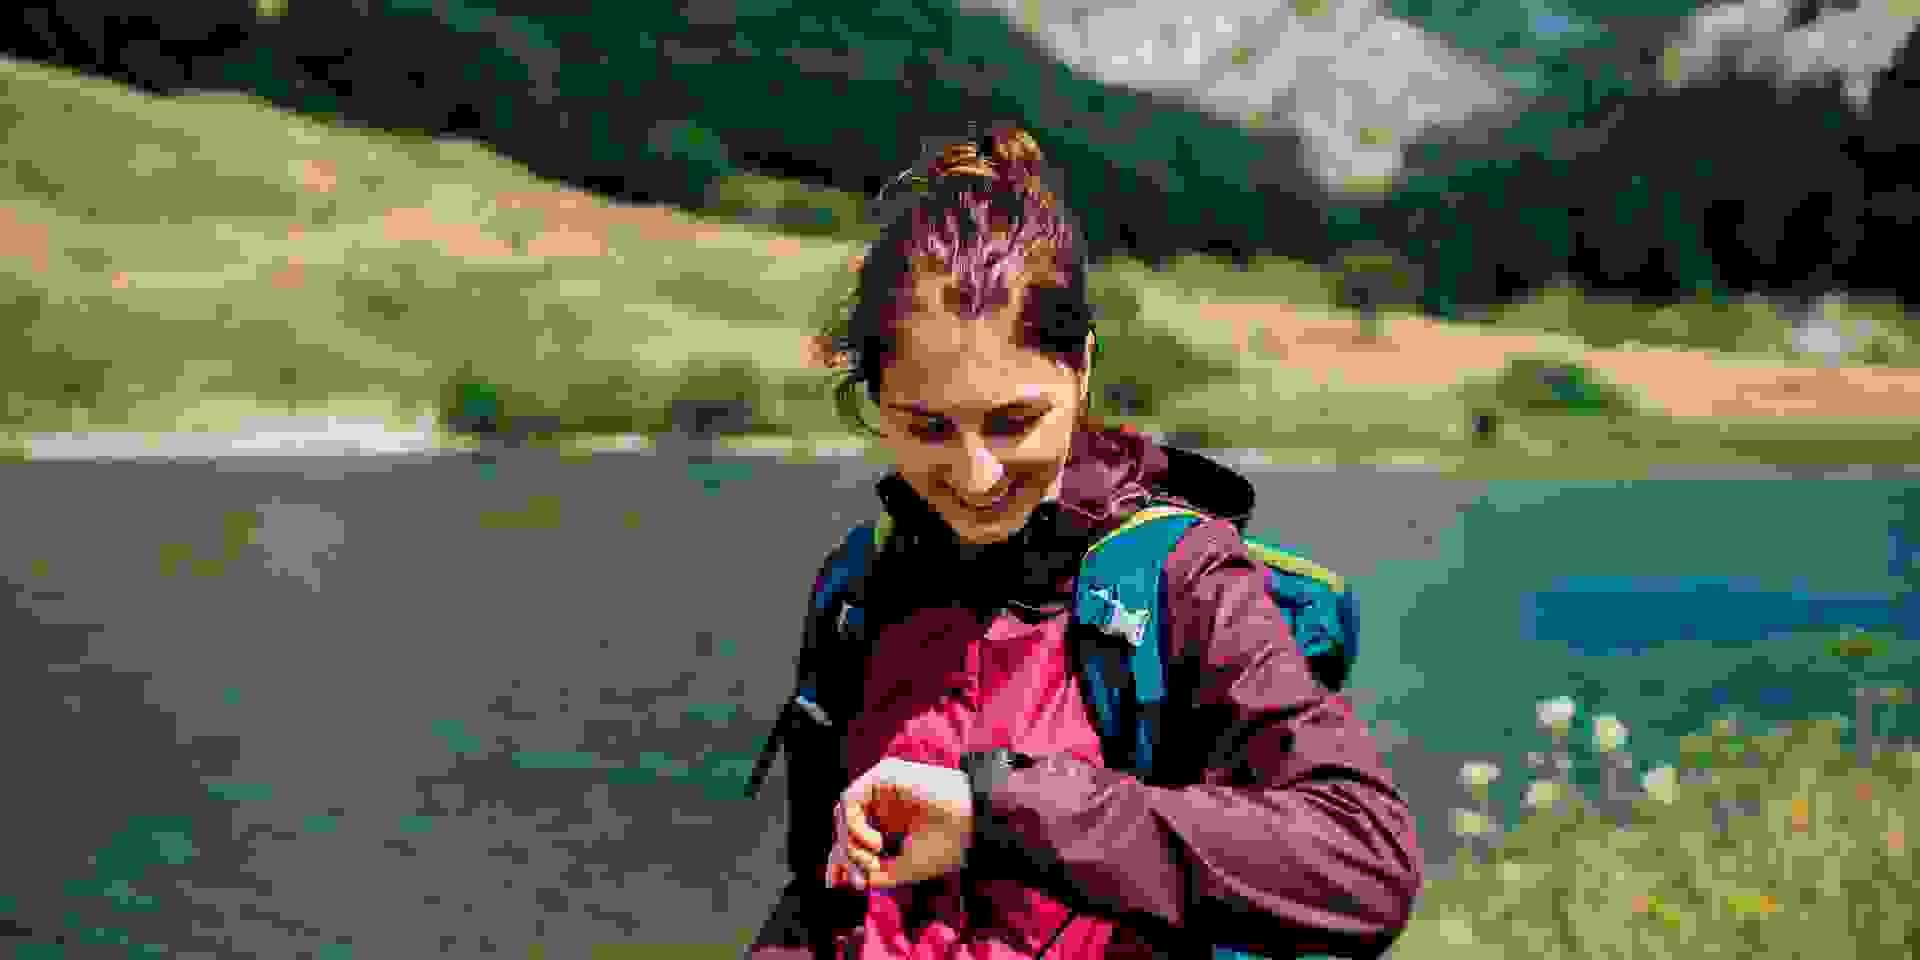 Eine Frau trägt wetterfeste Kleidung beim Geocahing während sie auf ihre GPS Uhr schaut.